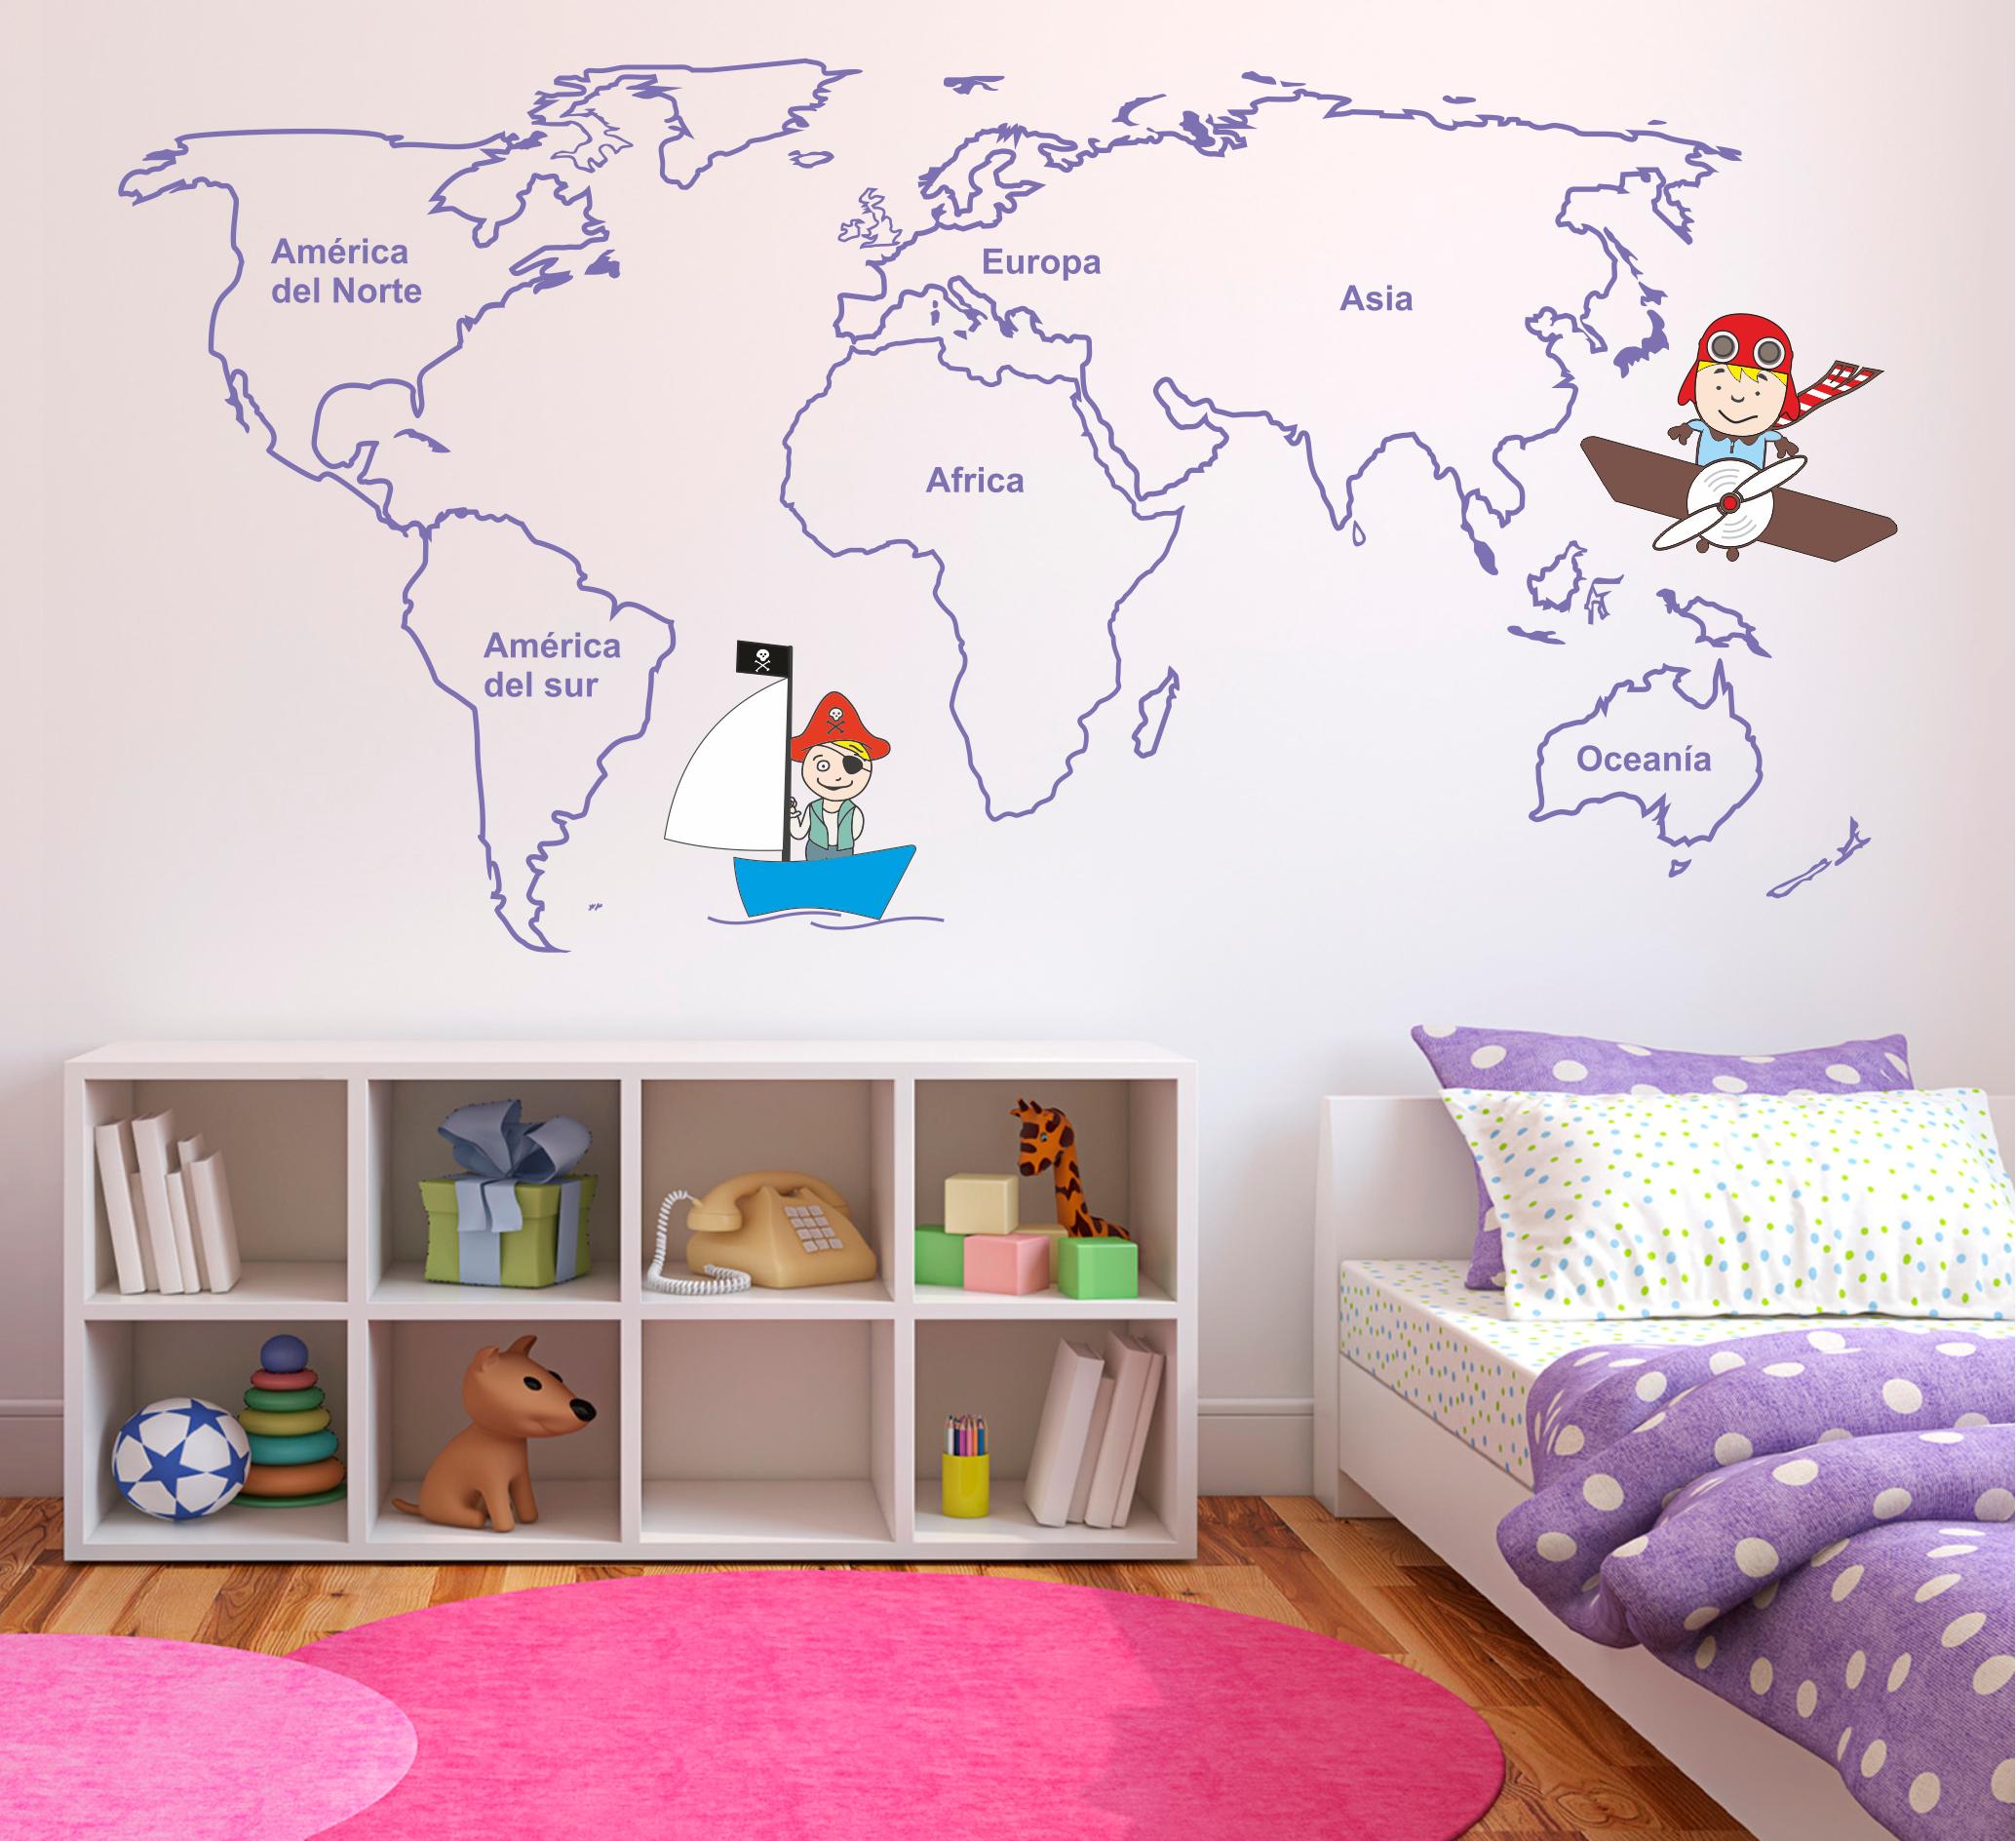 Vinilo decorativo de un mapamundi infantil habitacion for Vinilos habitacion nino